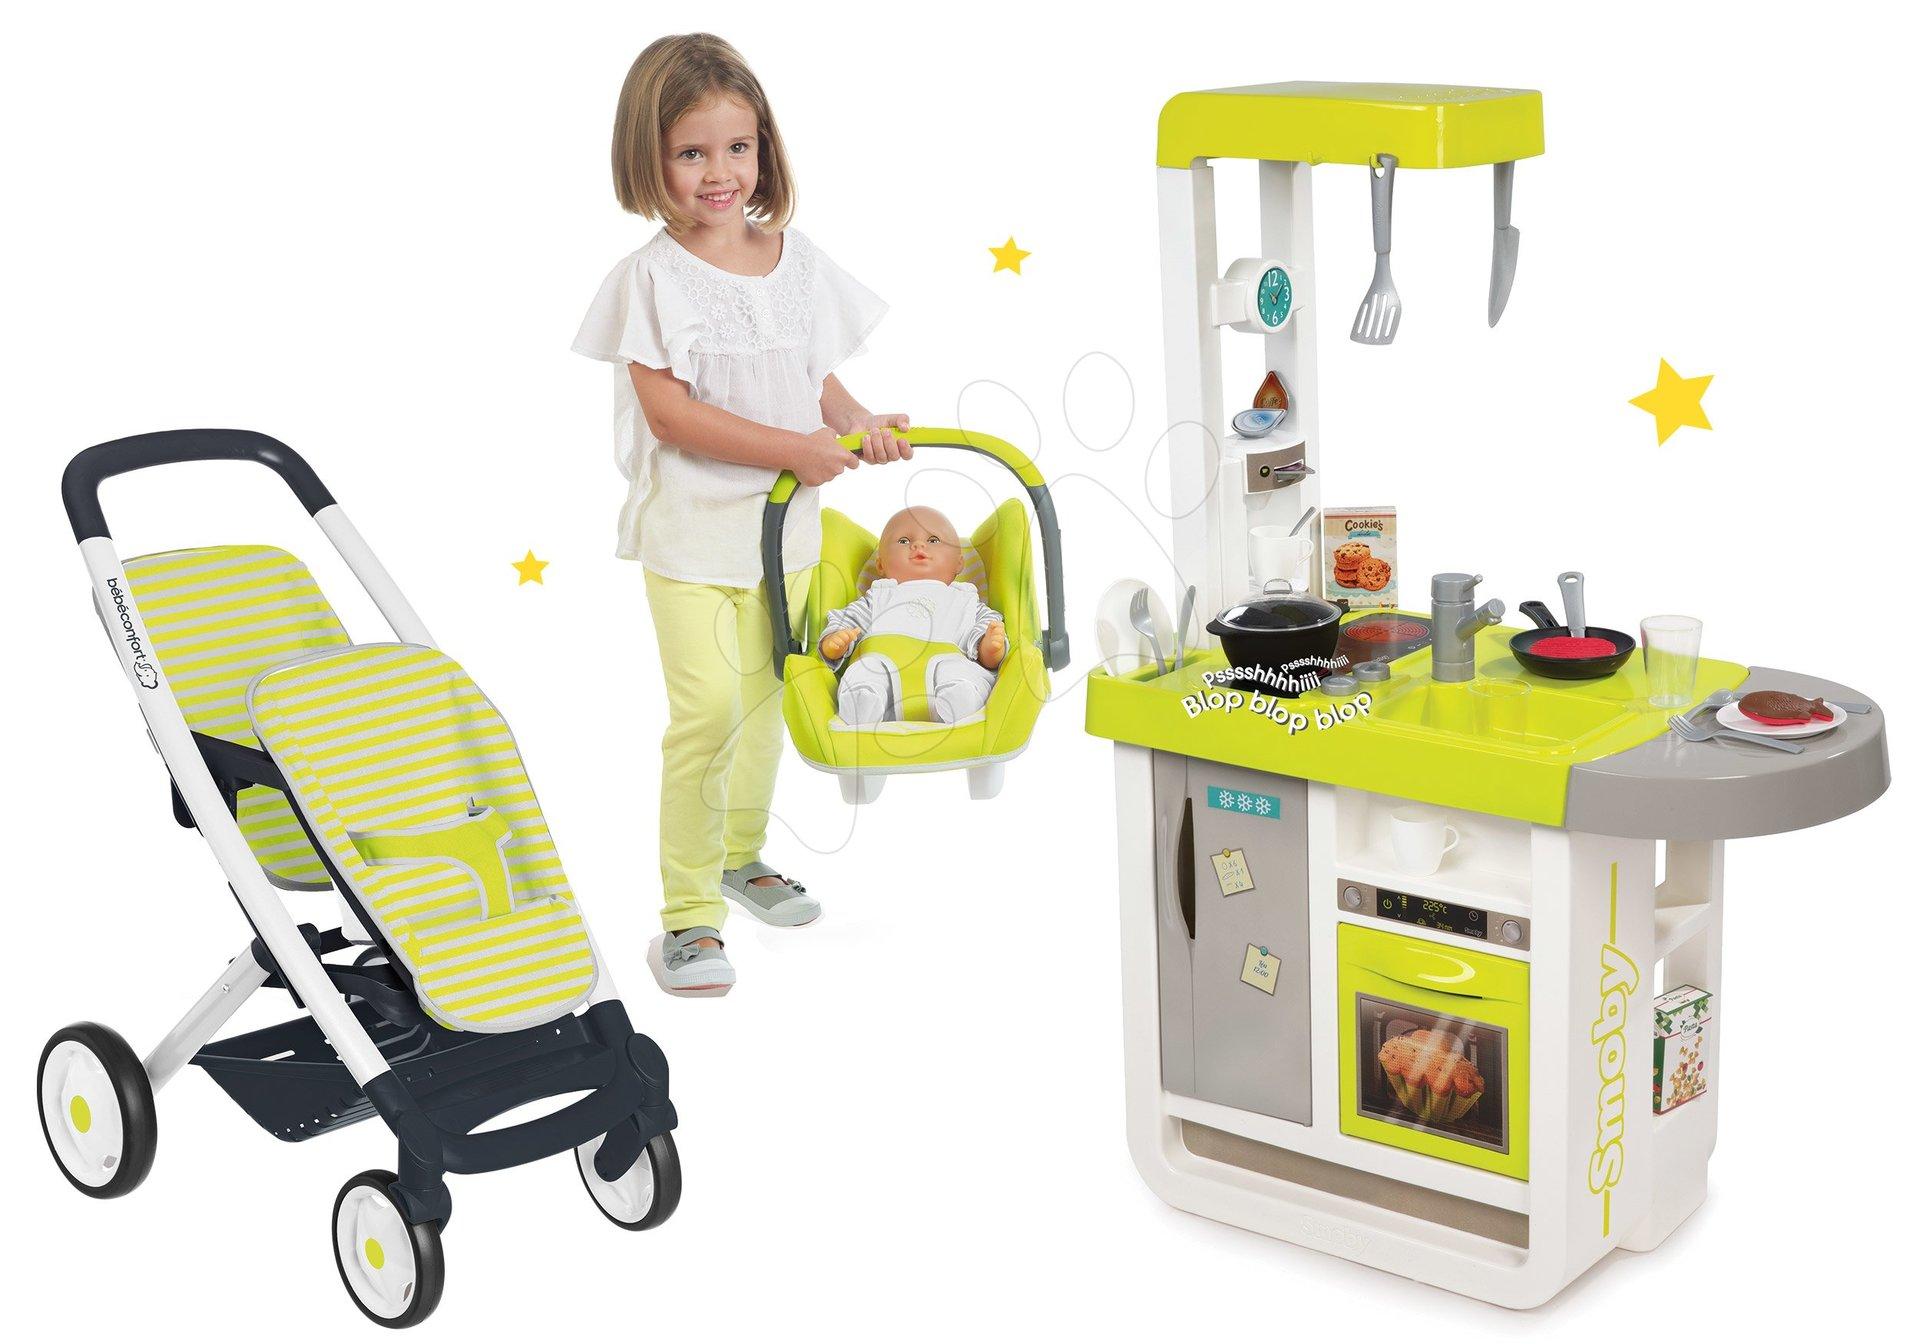 Smoby set detská kuchynka elektronická Cherry a kočík Maxi Cosi & Quinn s autosedačkou 310908-3